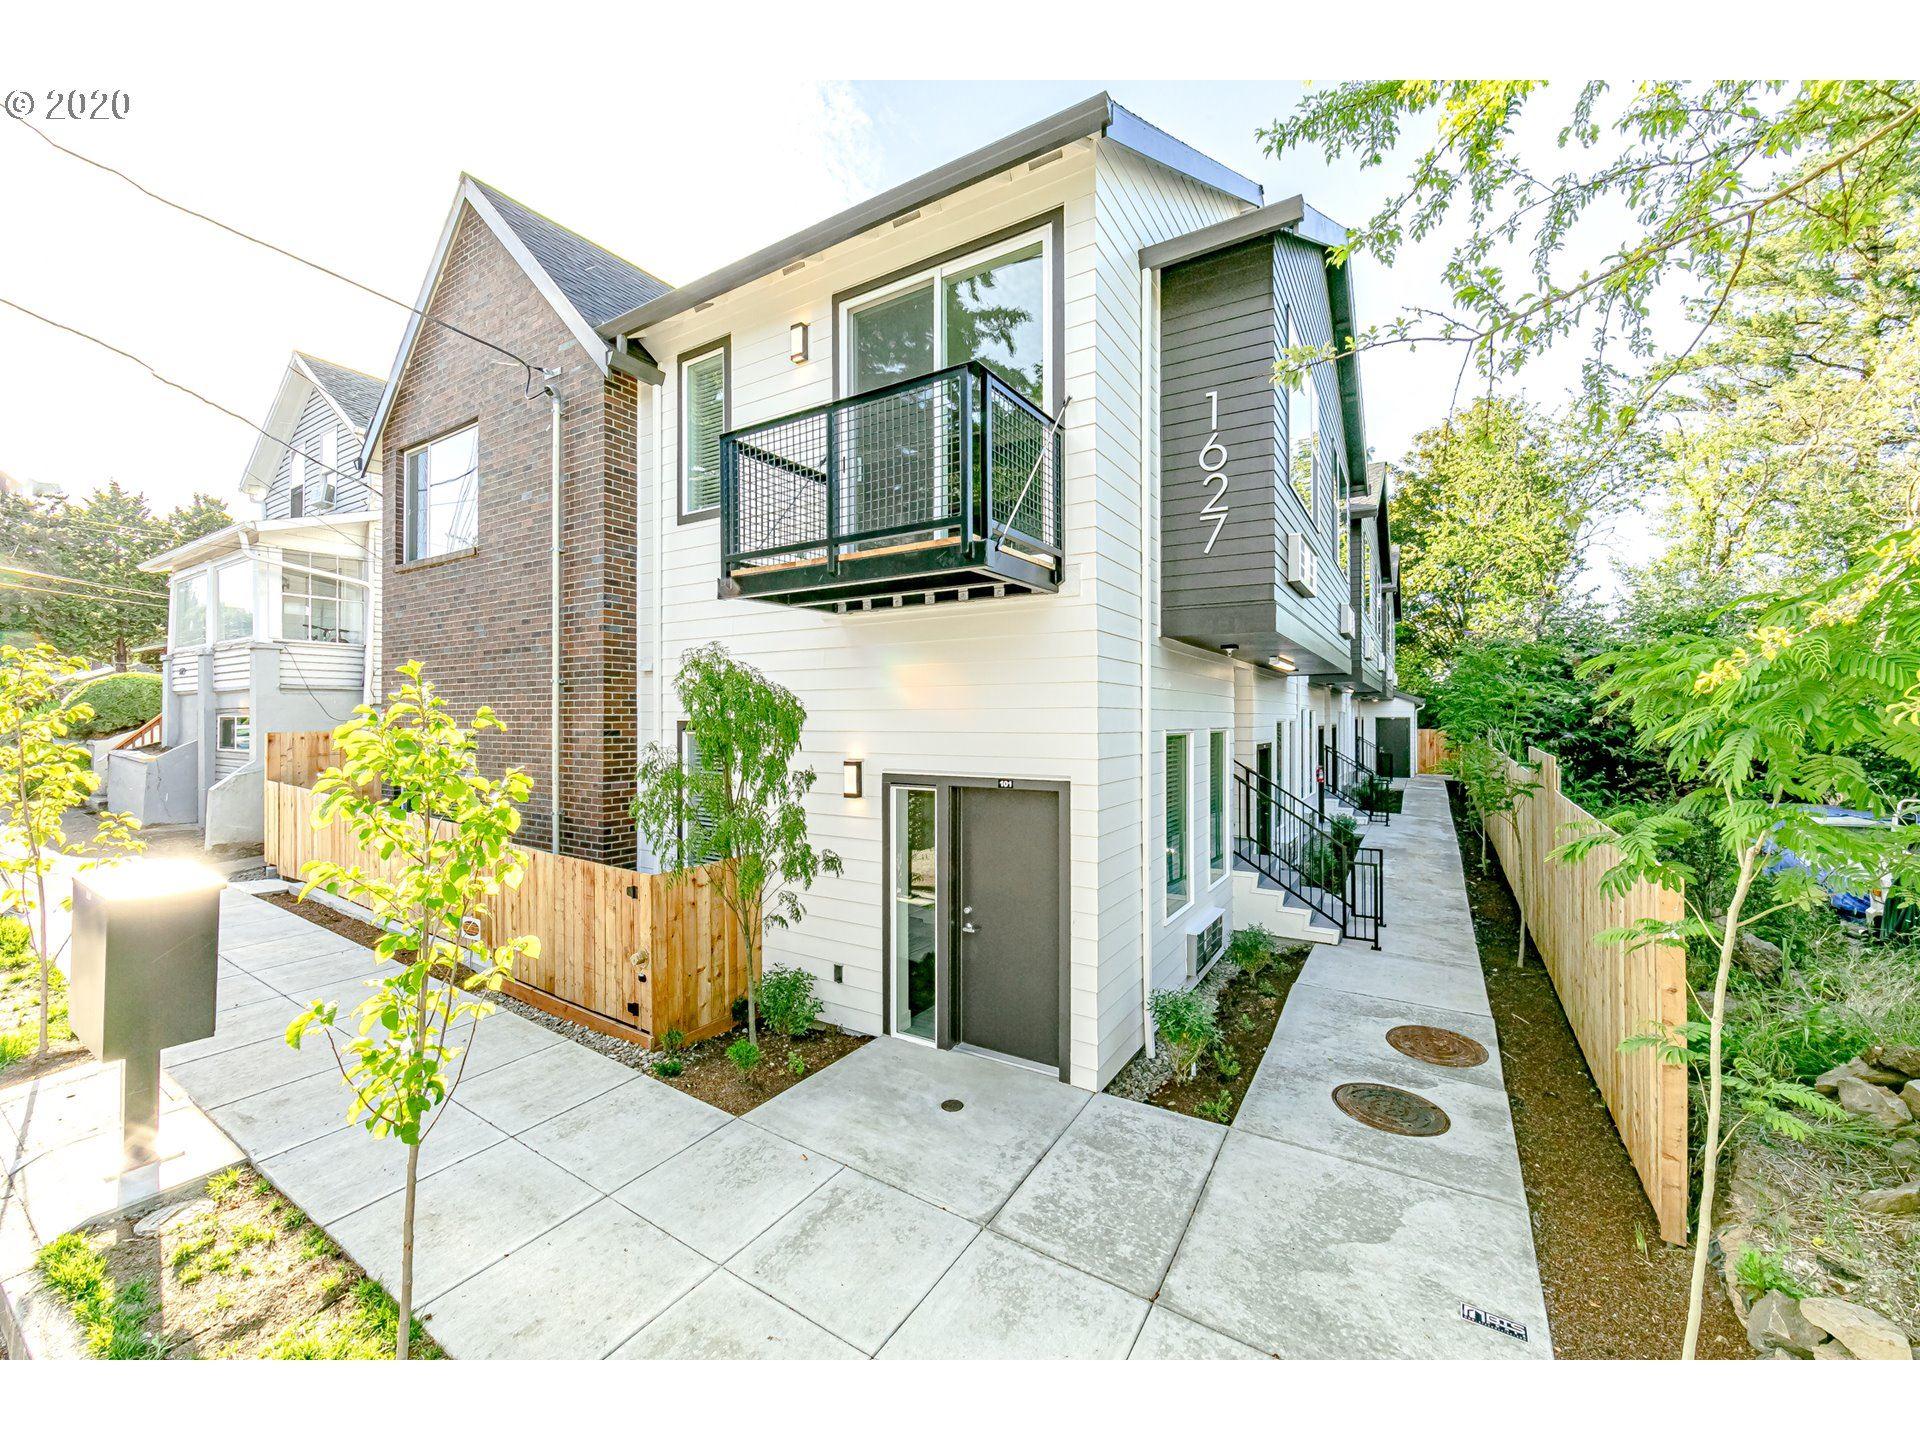 1627 SE REEDWAY ST, Portland, OR 97202 - MLS#: 20378958